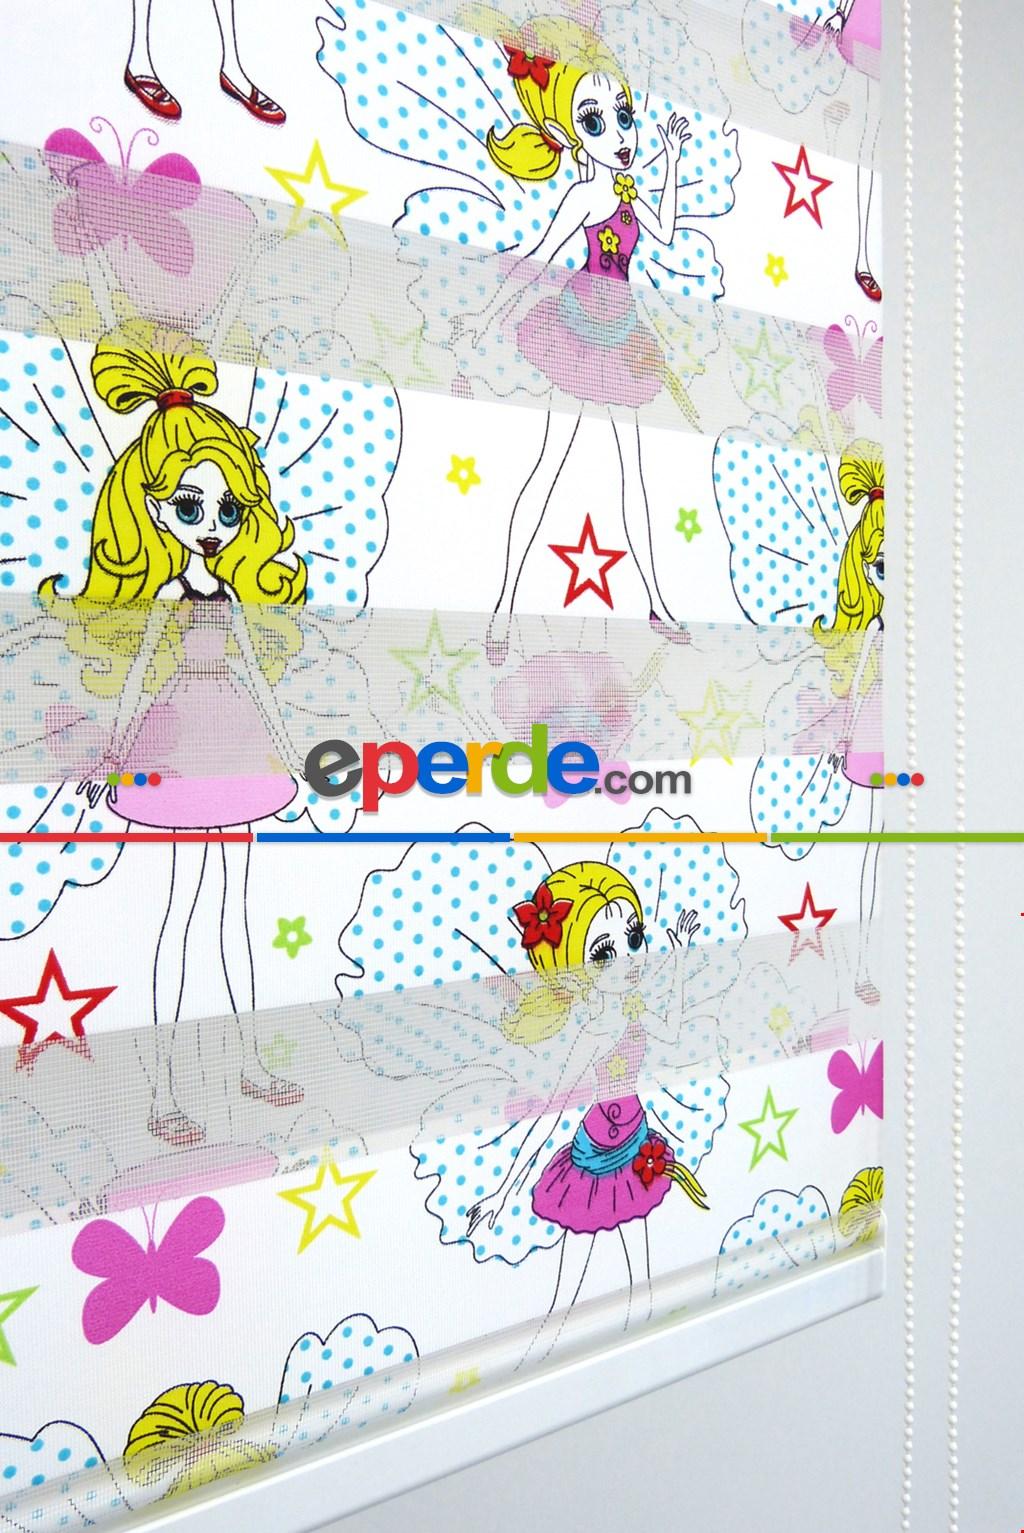 Zebra Perde - Barby Baskılı Çocuk Ve Genç Odası